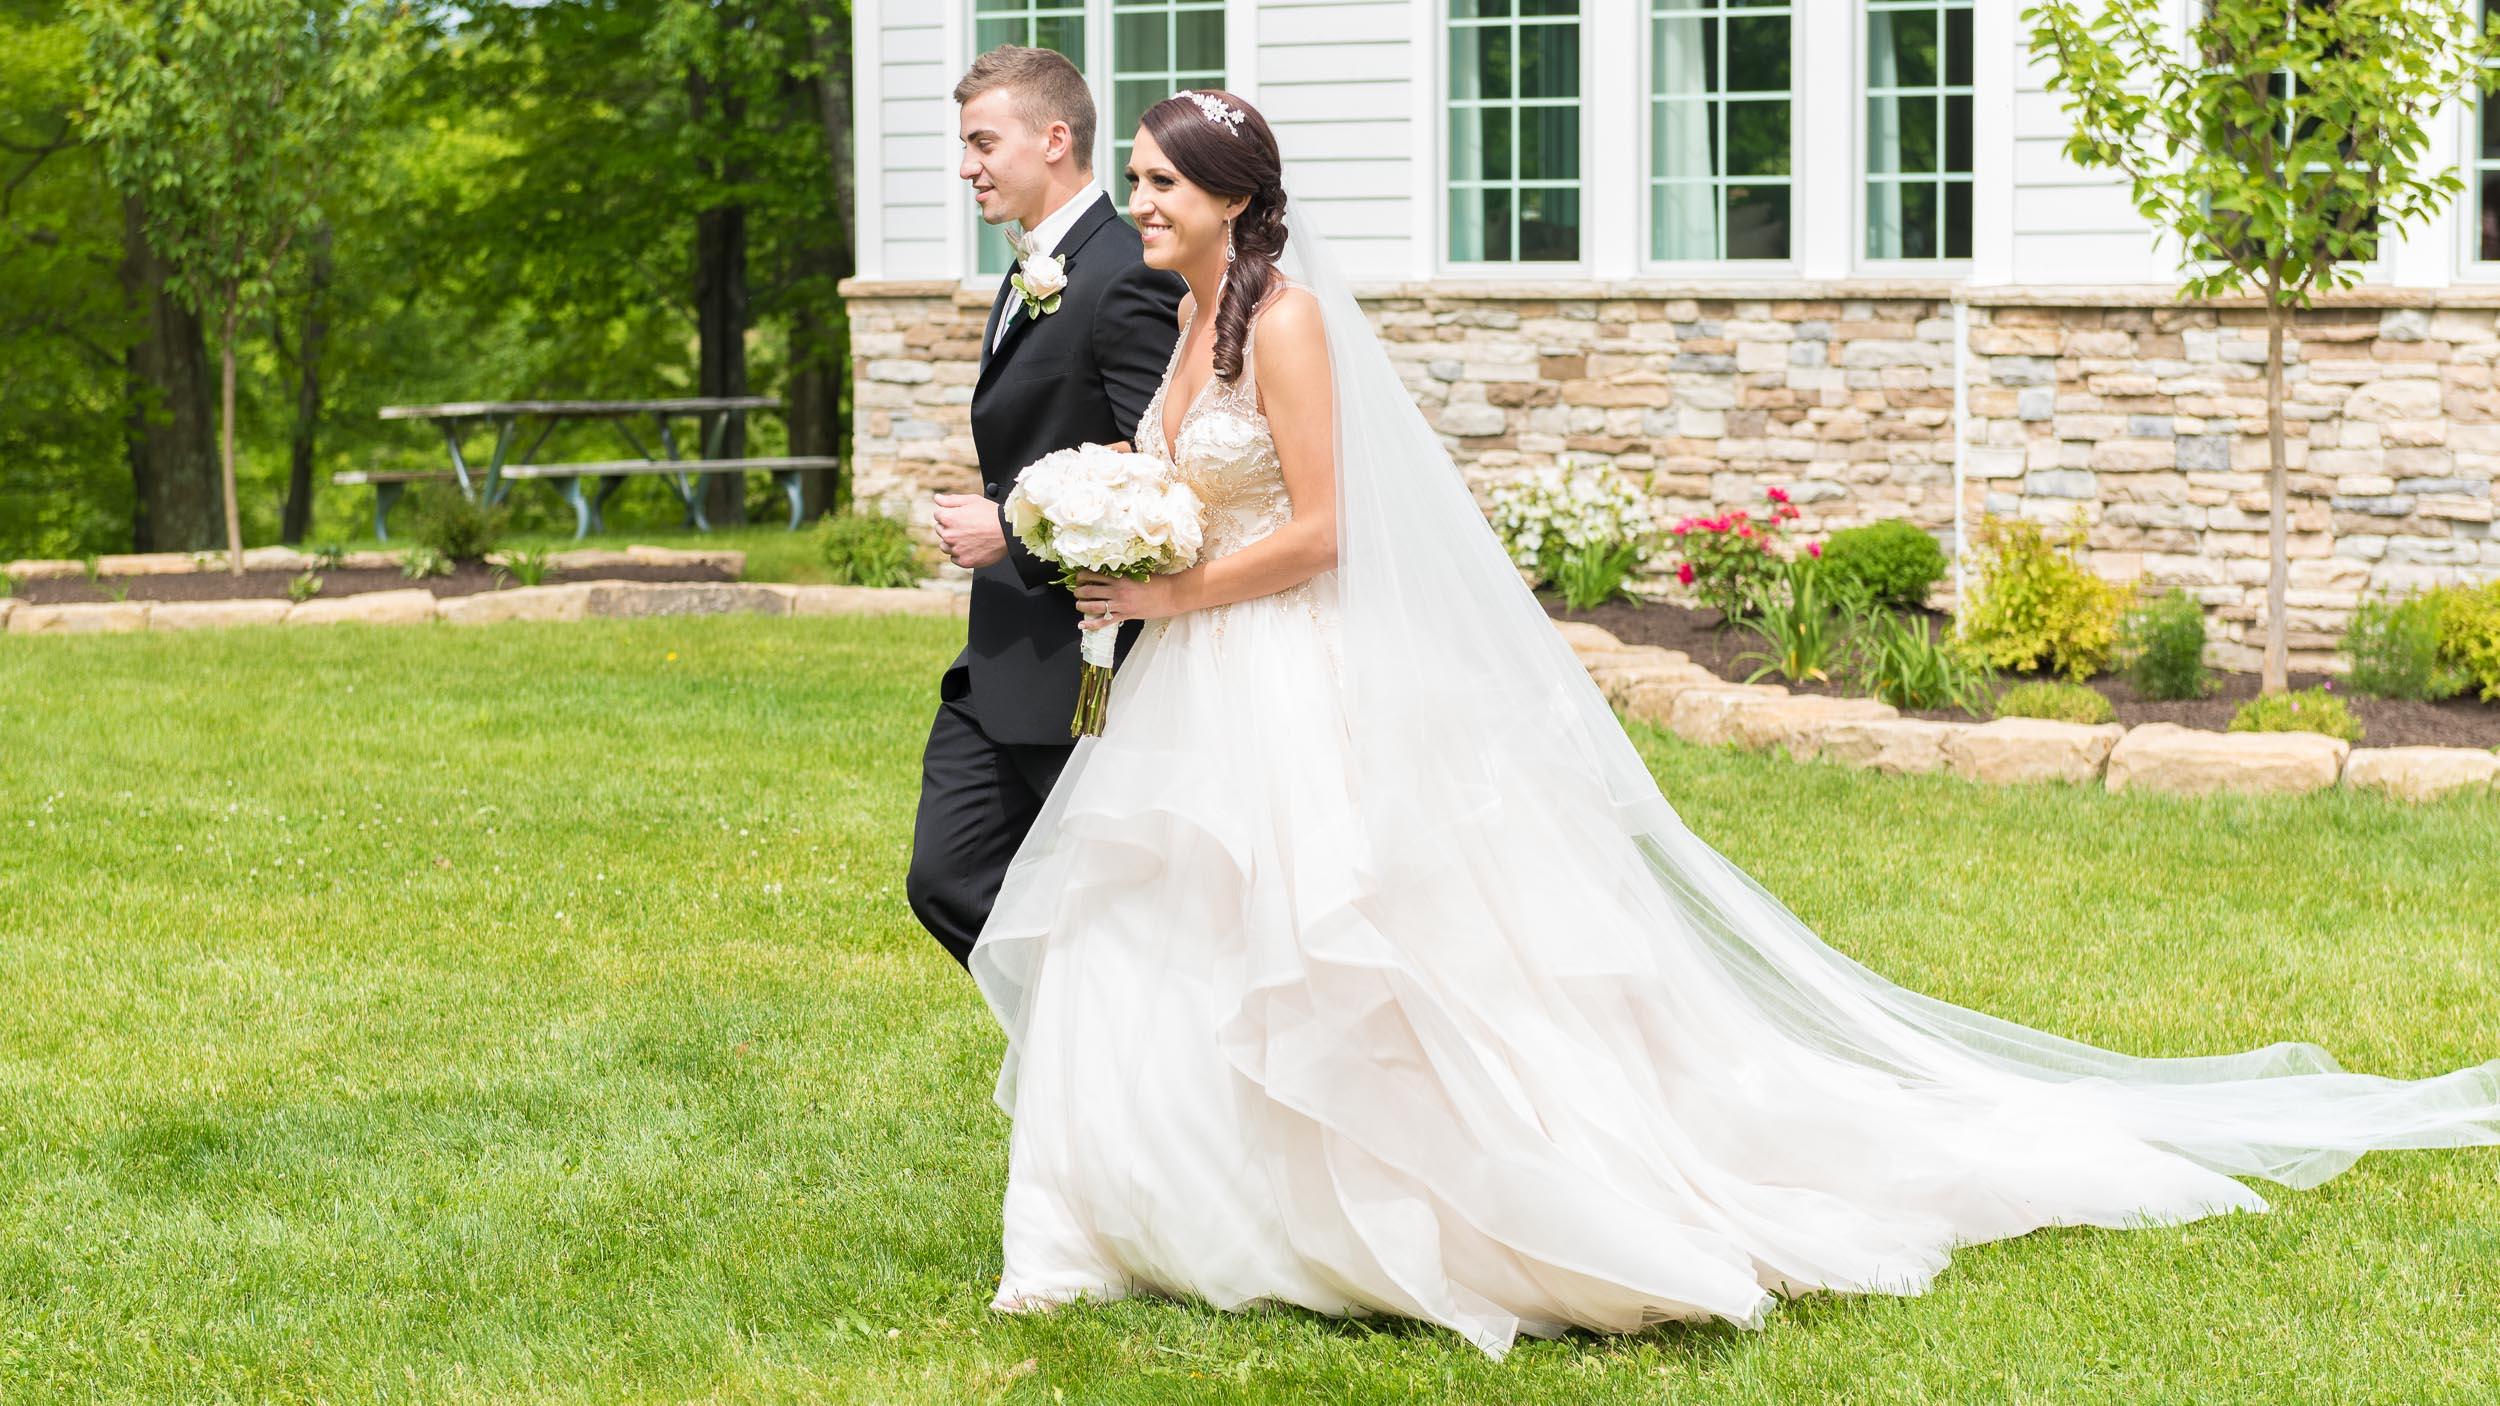 Wedding-outdoor-ceremony-2.jpg